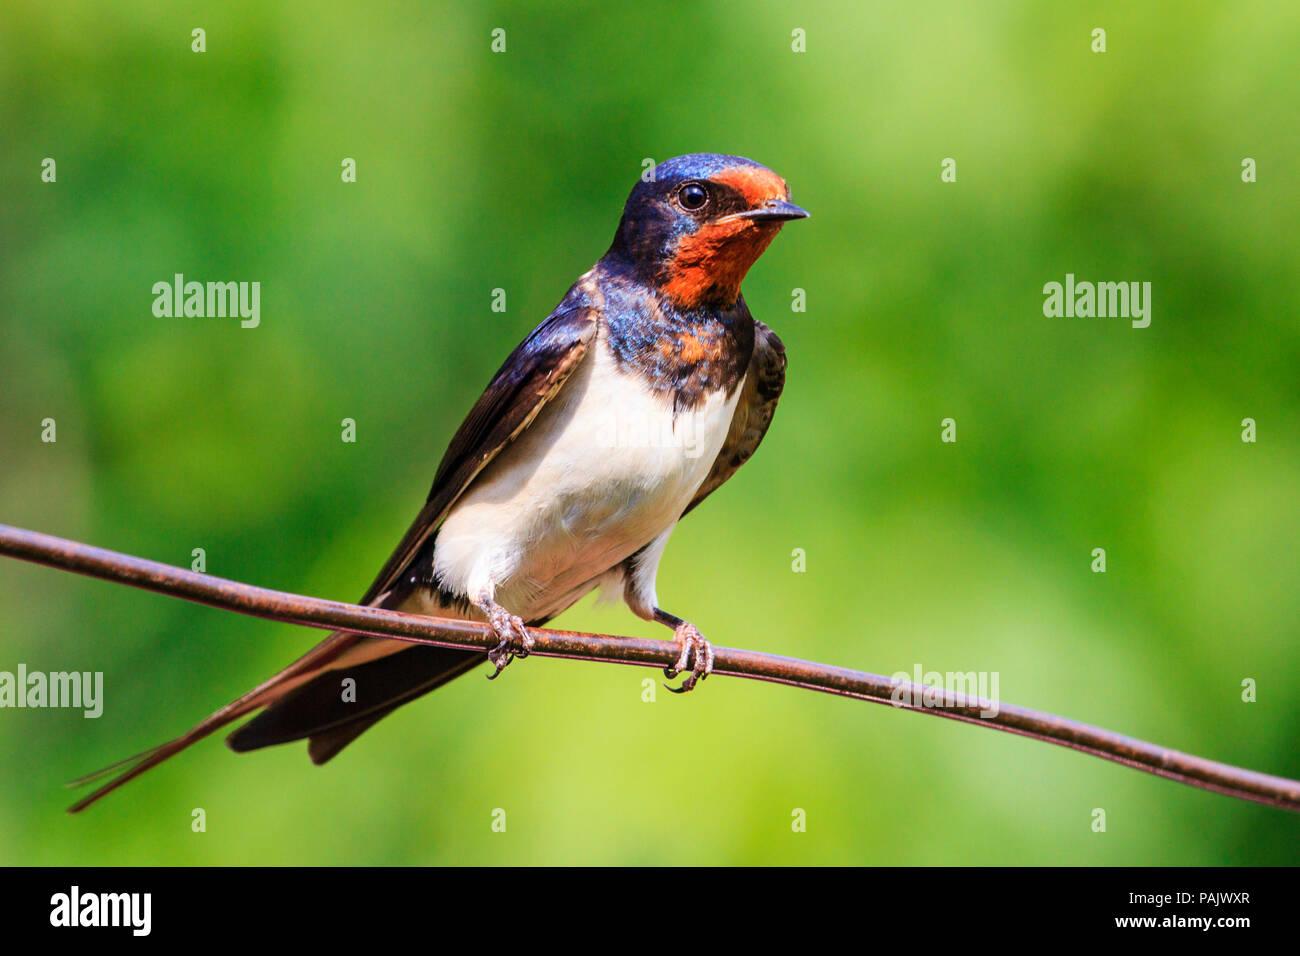 Oiseau avec un masque rouge assis sur un fil Photo Stock